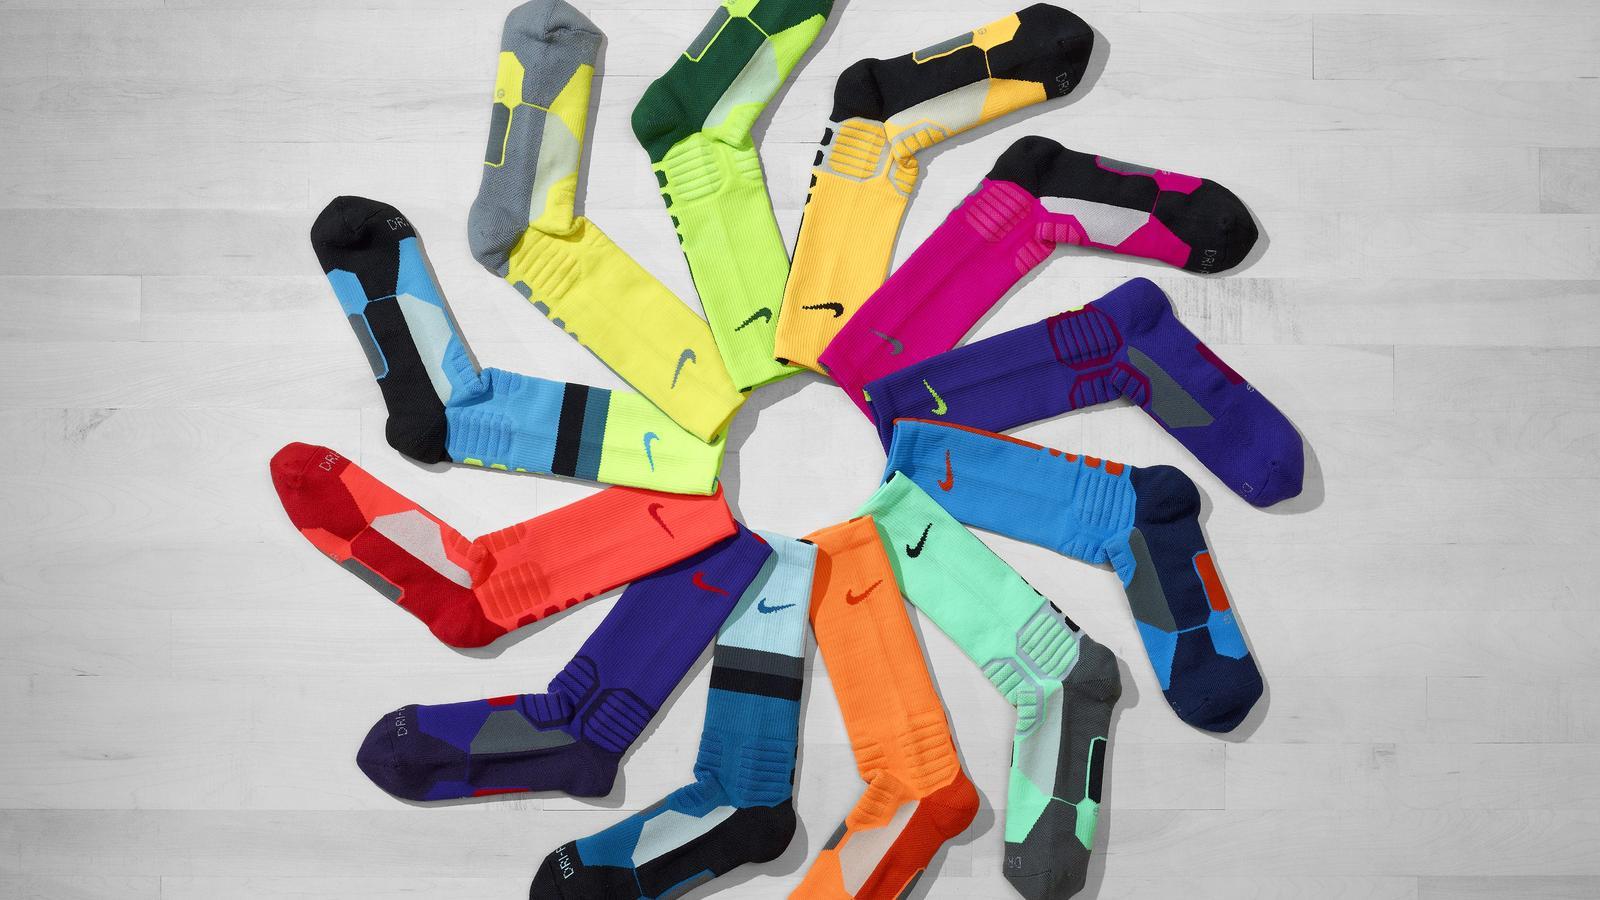 1be51d717 hyperelite_socks_1. hyperelite_socks_2. hyperelite_socks_3.  hyperelite_socks_4. hyperelite-sock-techsheet-final-01. hyperelite_socks_1